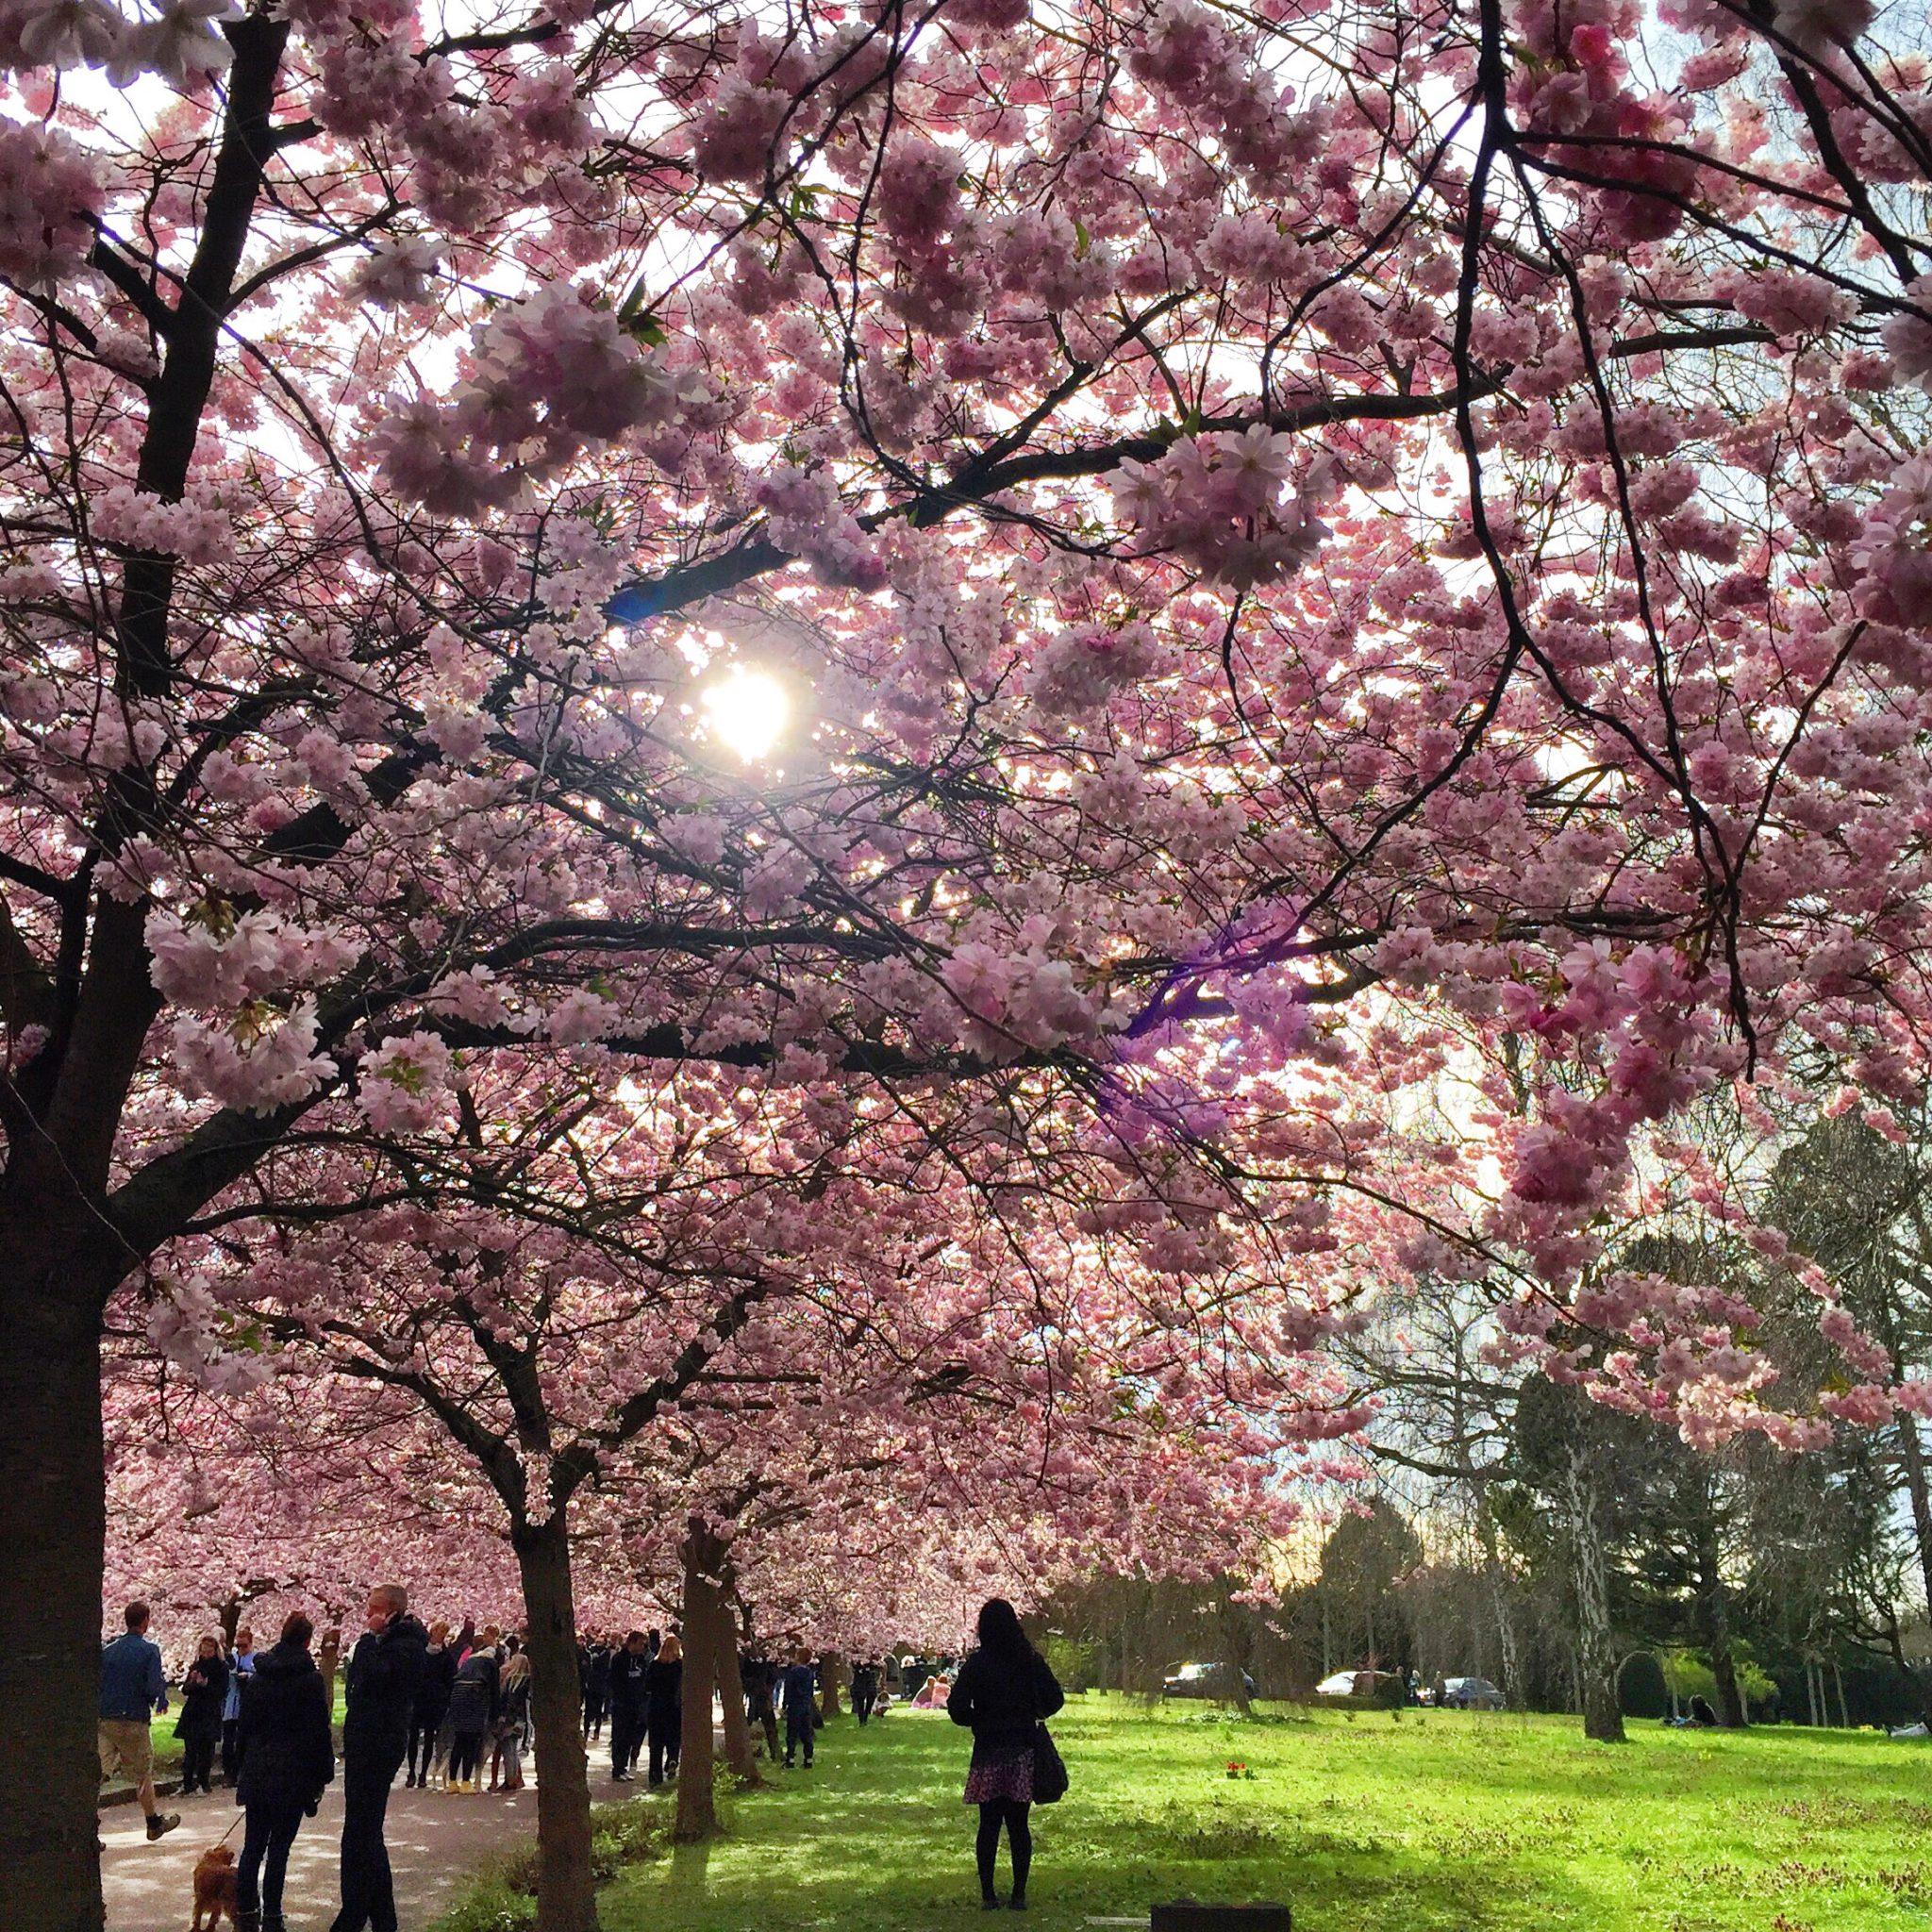 Kirsebærtræ / sakura på Bispebjerg Kirkegård i Nordvest København